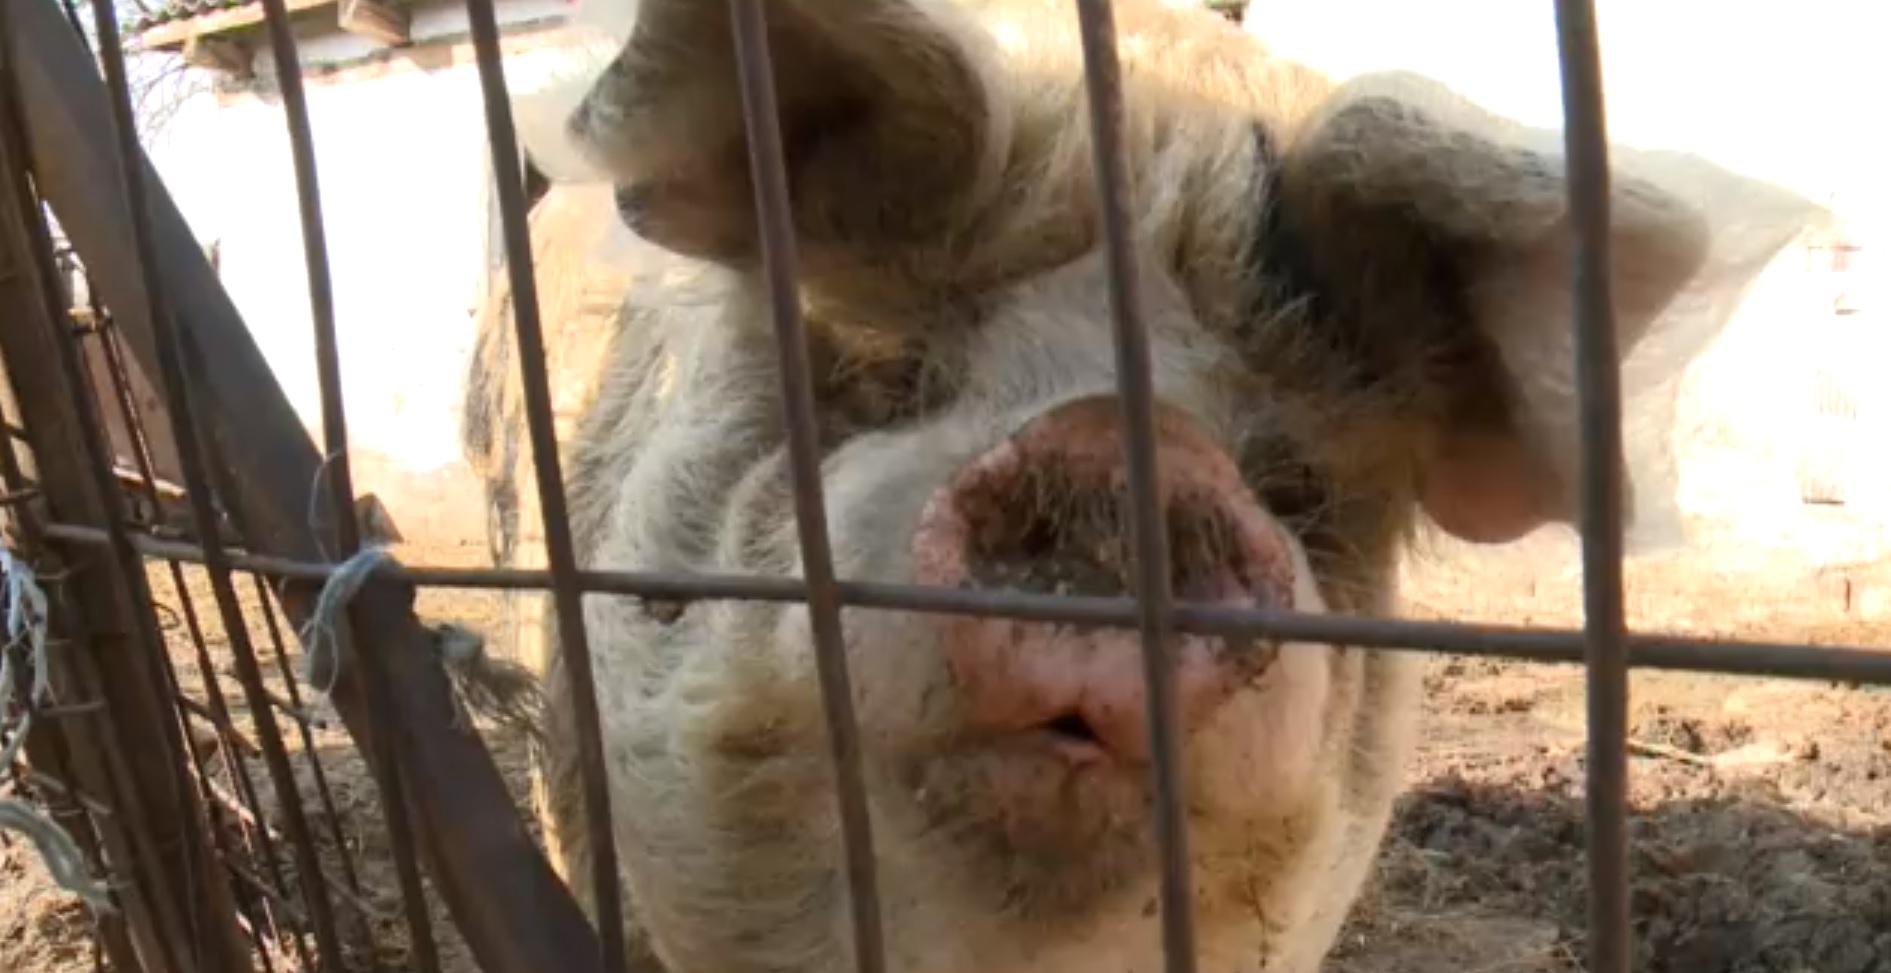 A főállatorvos elismerte, hogy a sertéspestis legkisebb gyanújára kiirtják a disznóállományt